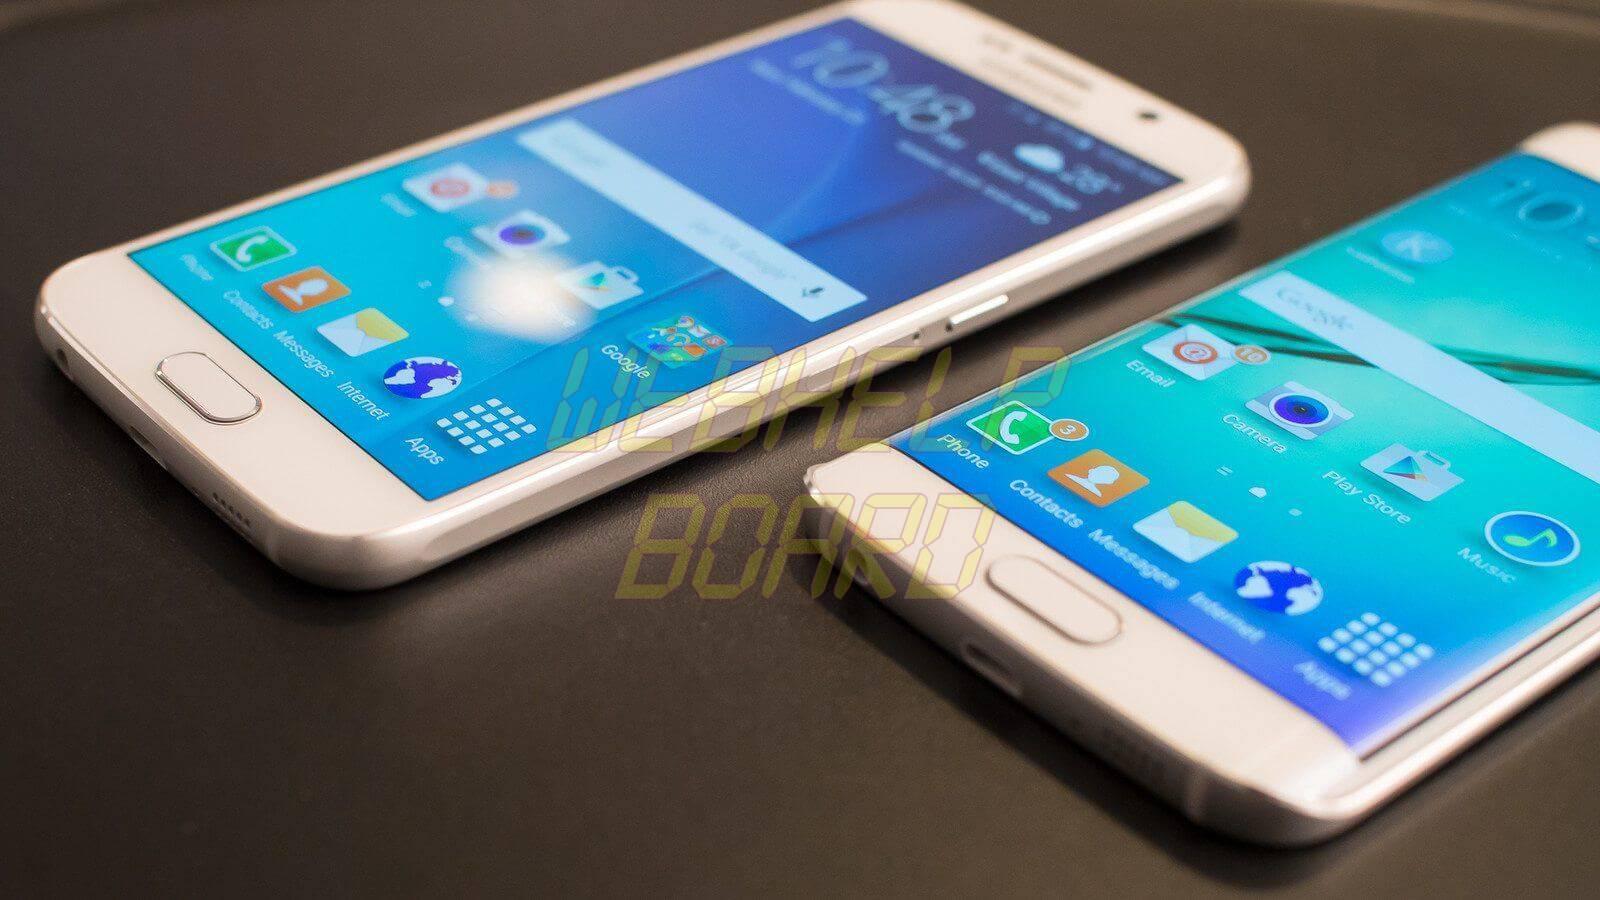 galaxy s6 both versions 5 - Esqueceu a senha? Veja como destravar o Galaxy S6/S6 Edge/Note 4/S5